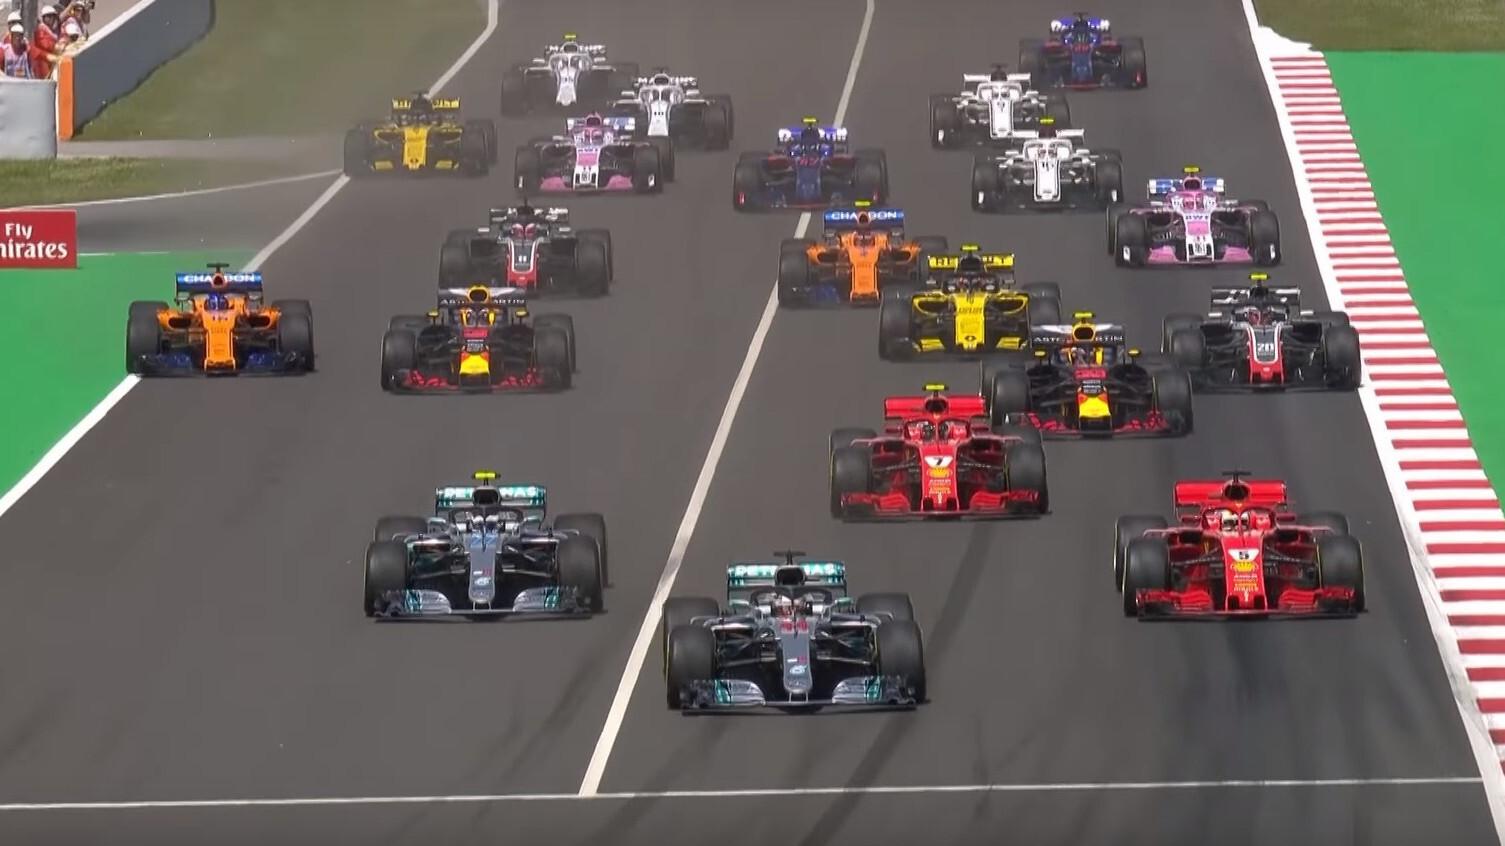 Hoe laat begint de Formule 1 GP van de Verenigde Staten 2018?